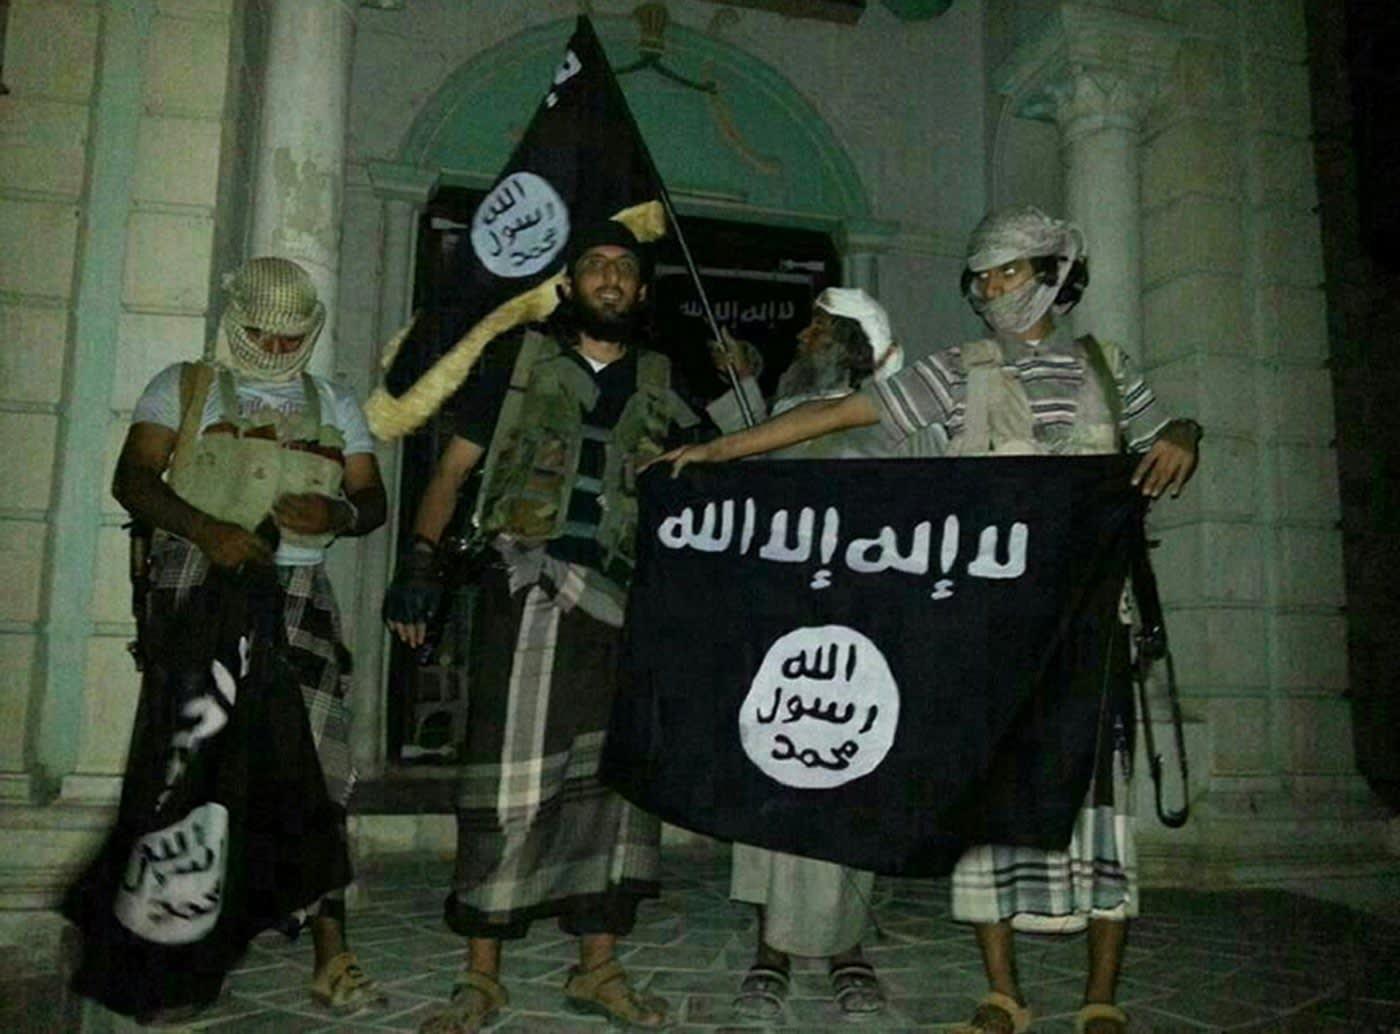 """بيرغن يكتب لـCNN: قنابل هجمات باريس تحتاج إلى """"تدريب"""" توفره """"القاعدة"""" لصنعها"""